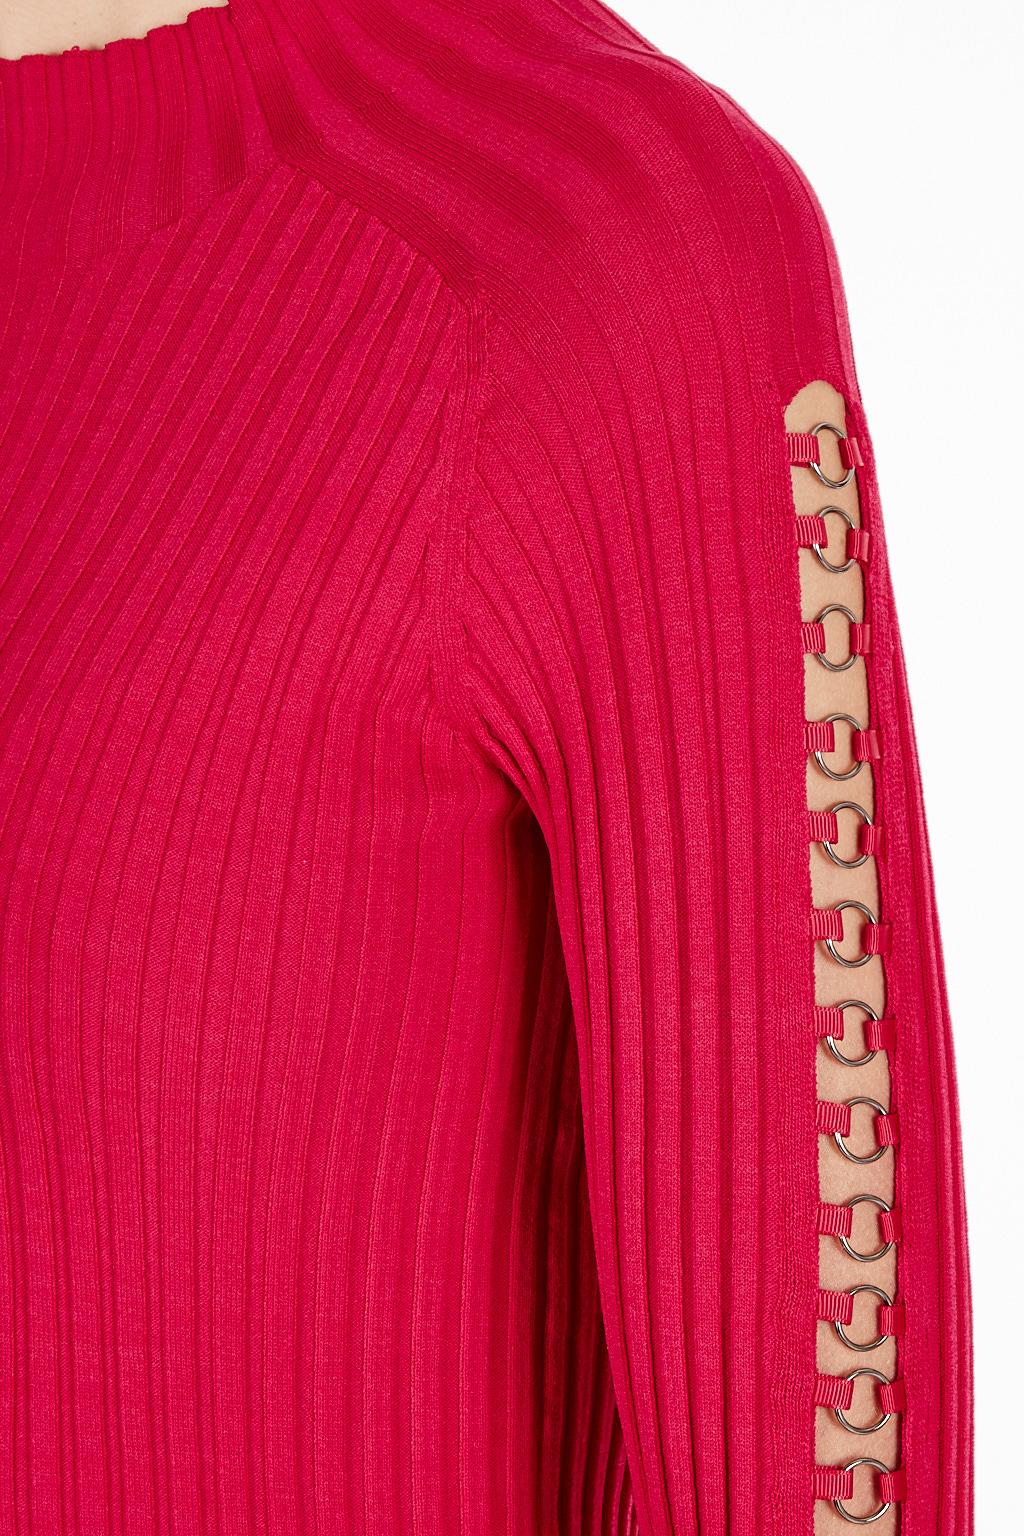 Maglione donna ARMANI EXCHANGE girocollo